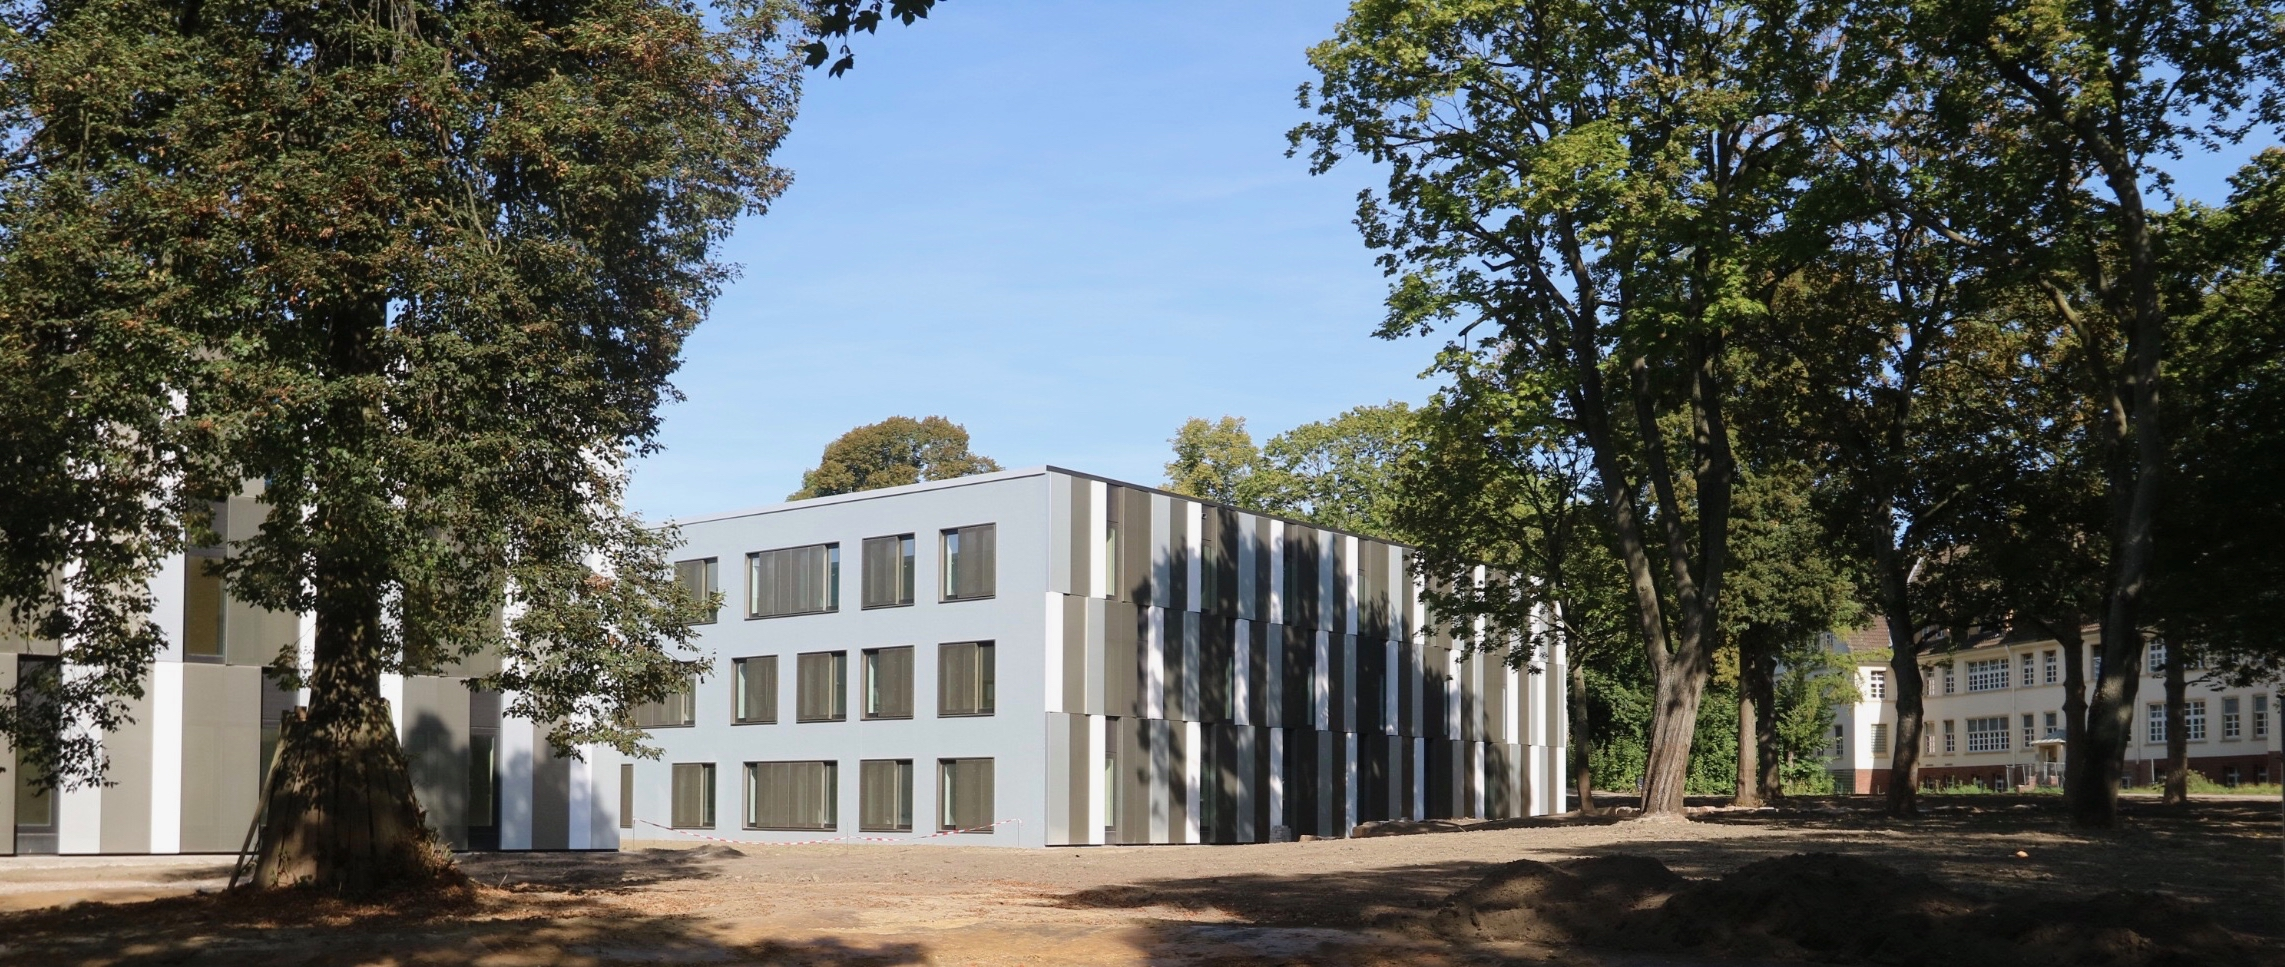 LWL   Die Häuser - Klinik Dortmund